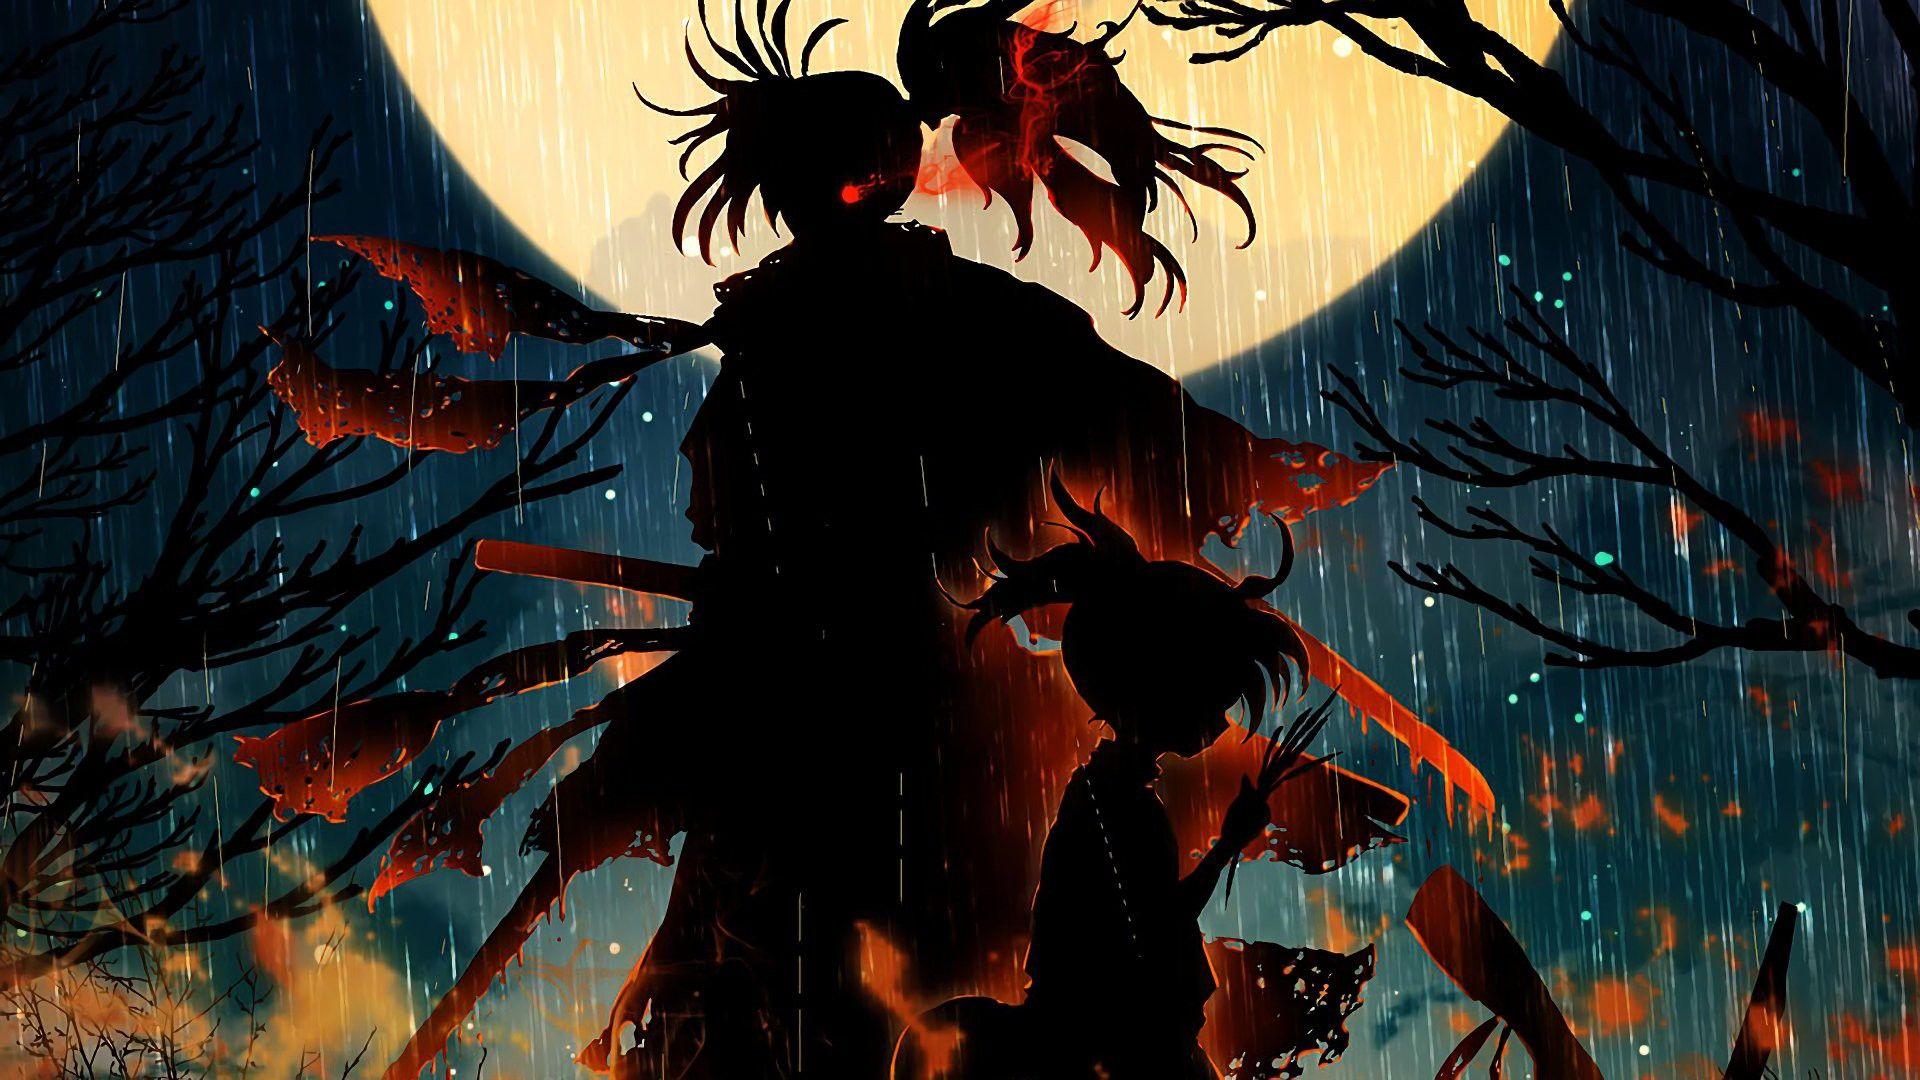 Dororo Anime Wallpaper Iphone Anime Wallpaper 1920x1080 Anime Wallpaper 23 dark anime wallpaper